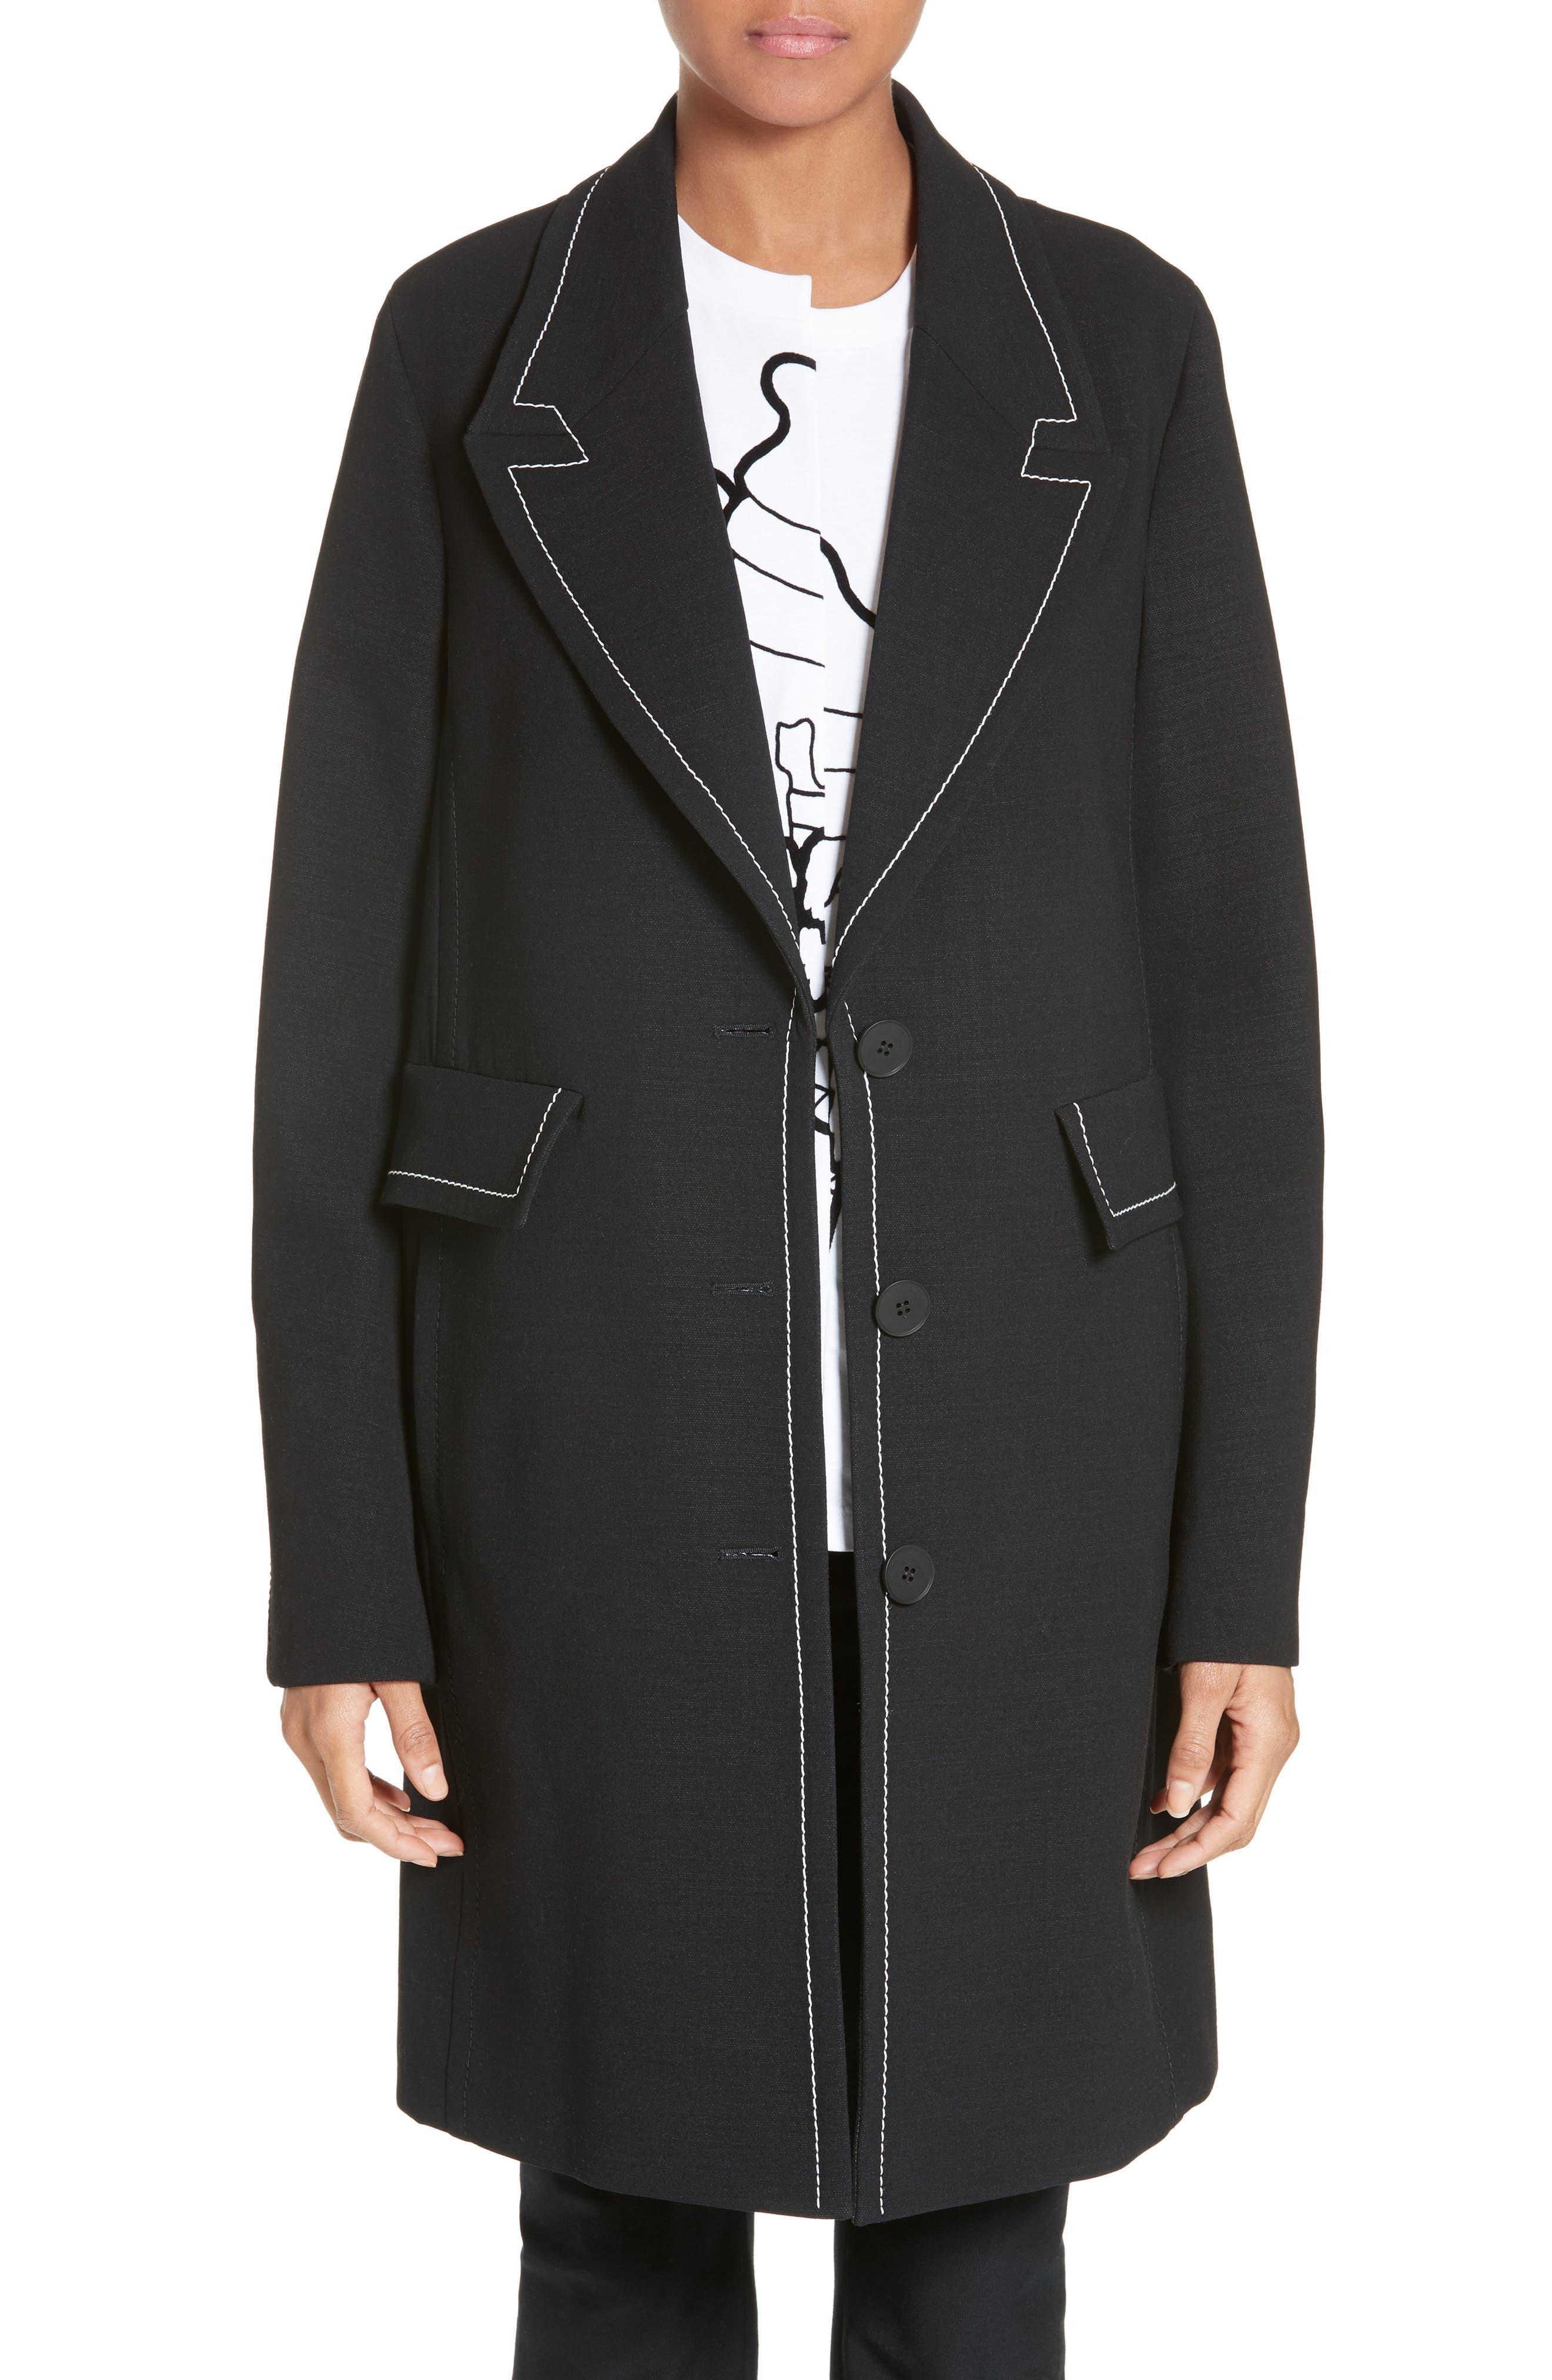 Marcelline Topstitch Double Face Wool Coat,                             Main thumbnail 1, color,                             Black/ Mistletoe